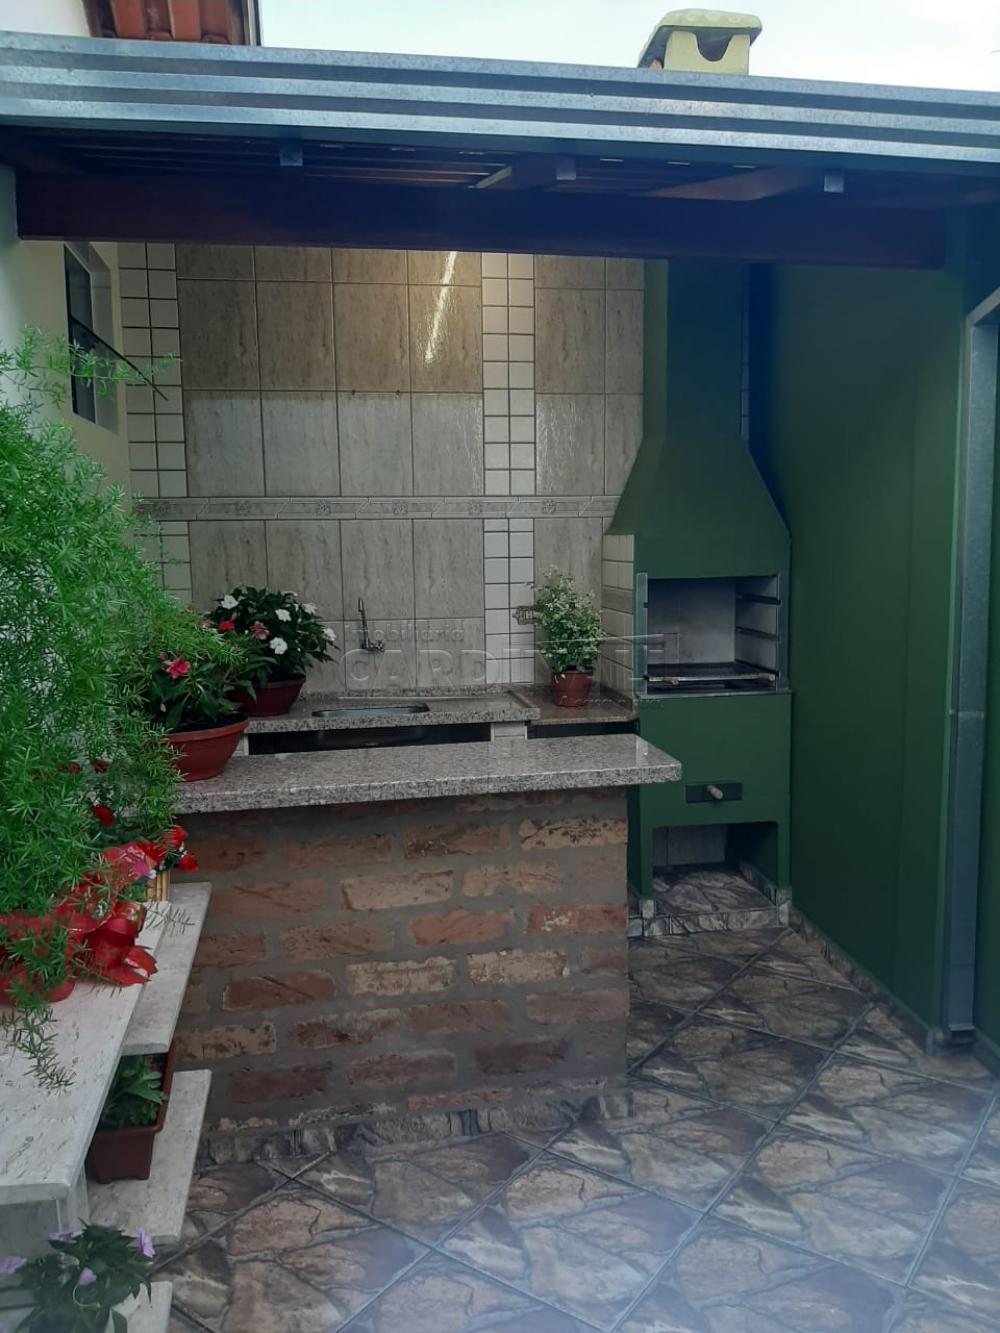 Comprar Casa / Padrão em São Carlos R$ 373.000,00 - Foto 39